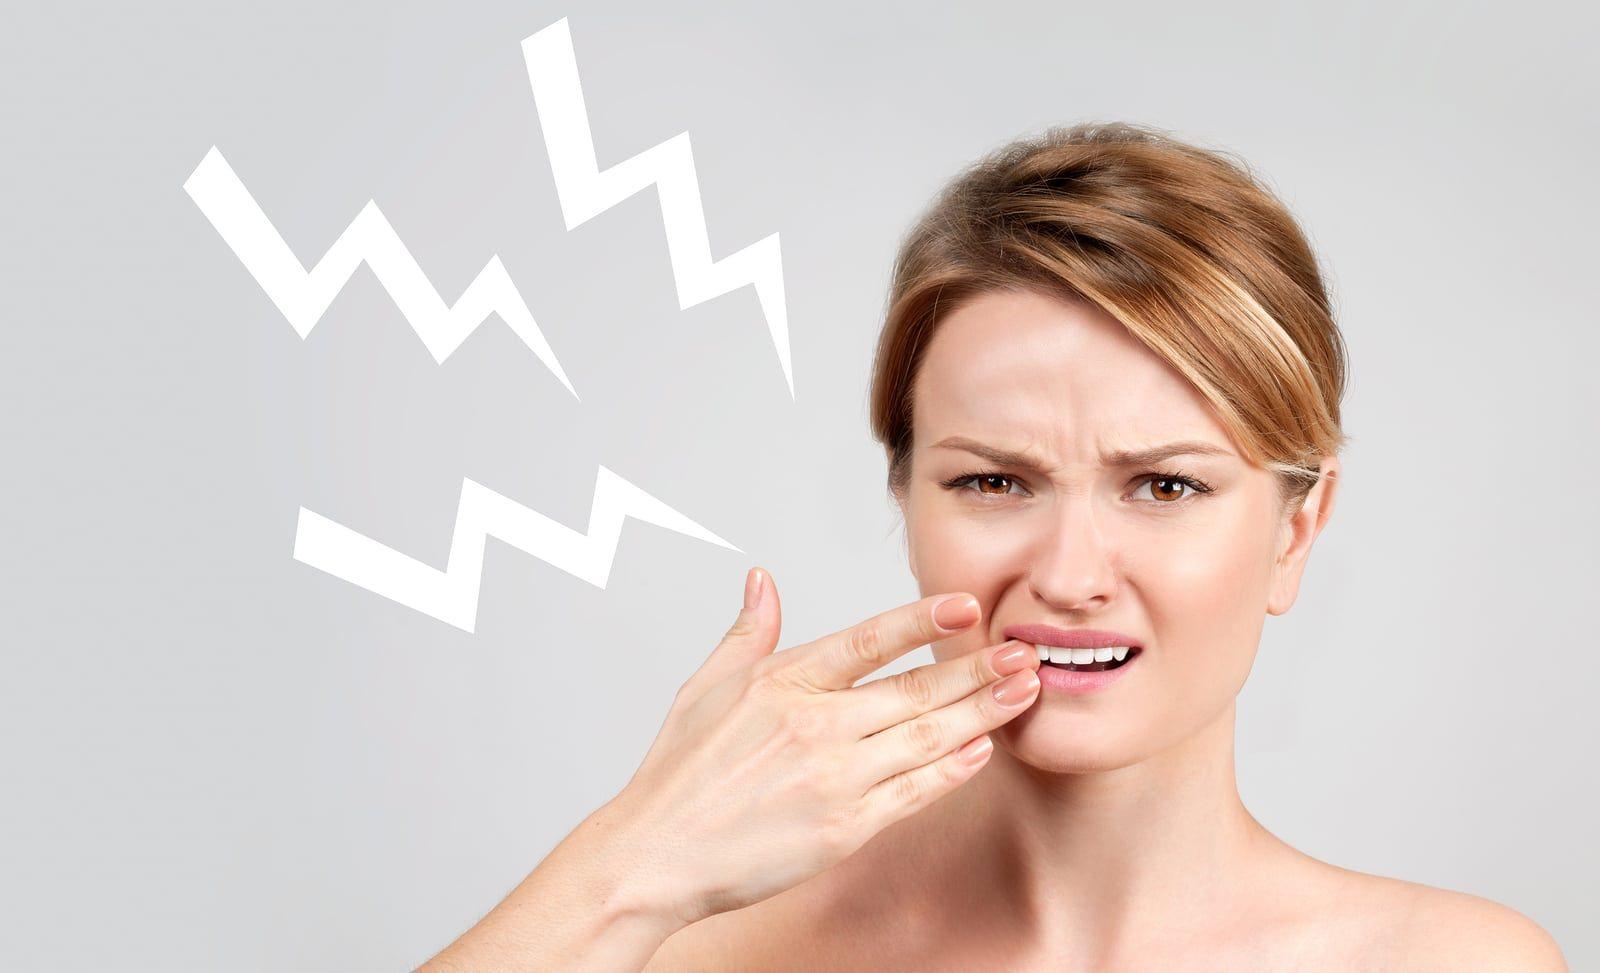 Un cunoscut medic stomatolog a dezvăluit secretul prin care poți scăpa de sensibilitatea dentară